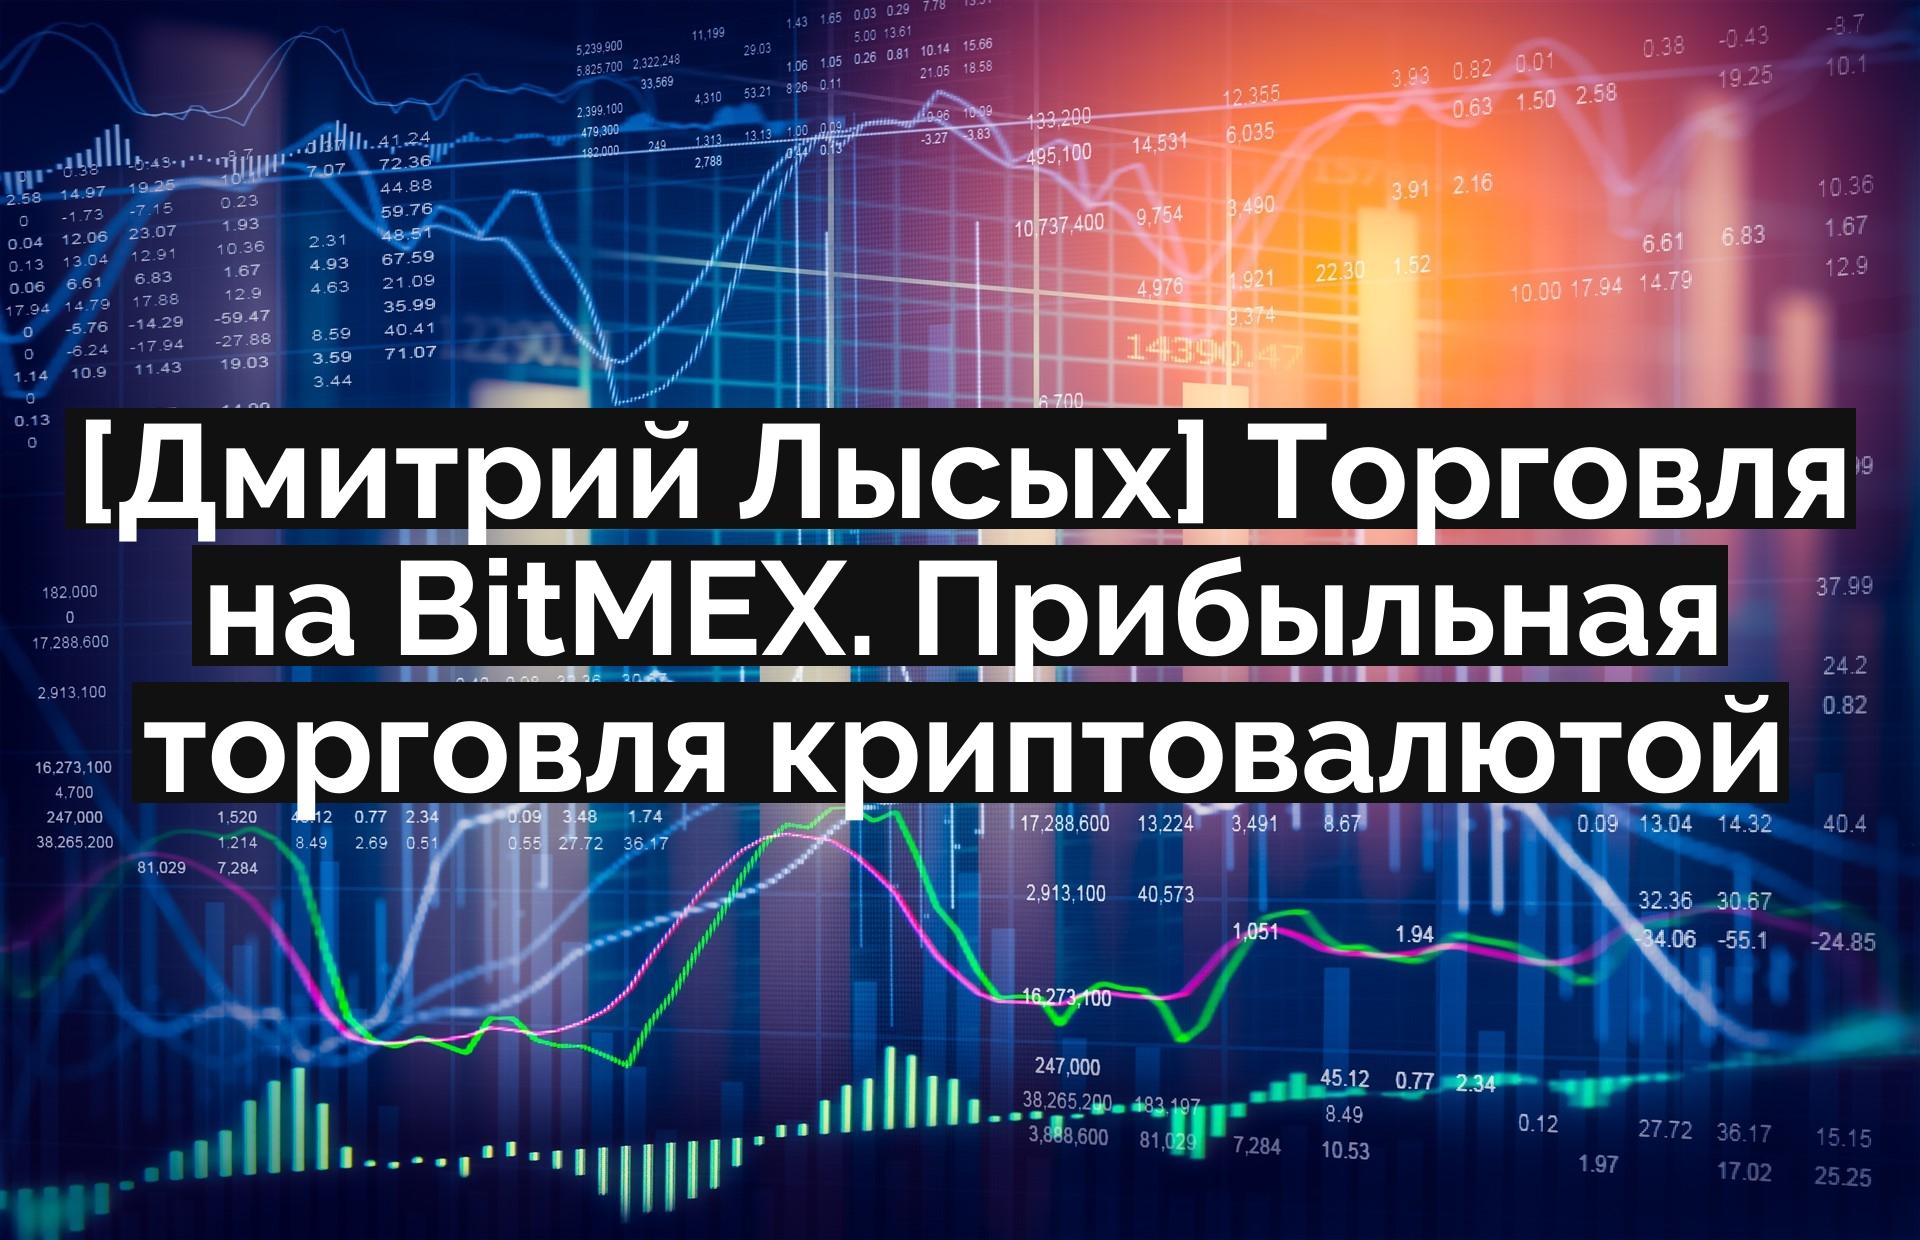 [Дмитрий Лысых] Торговля на BitMEX. Прибыльная торговля криптовалютой